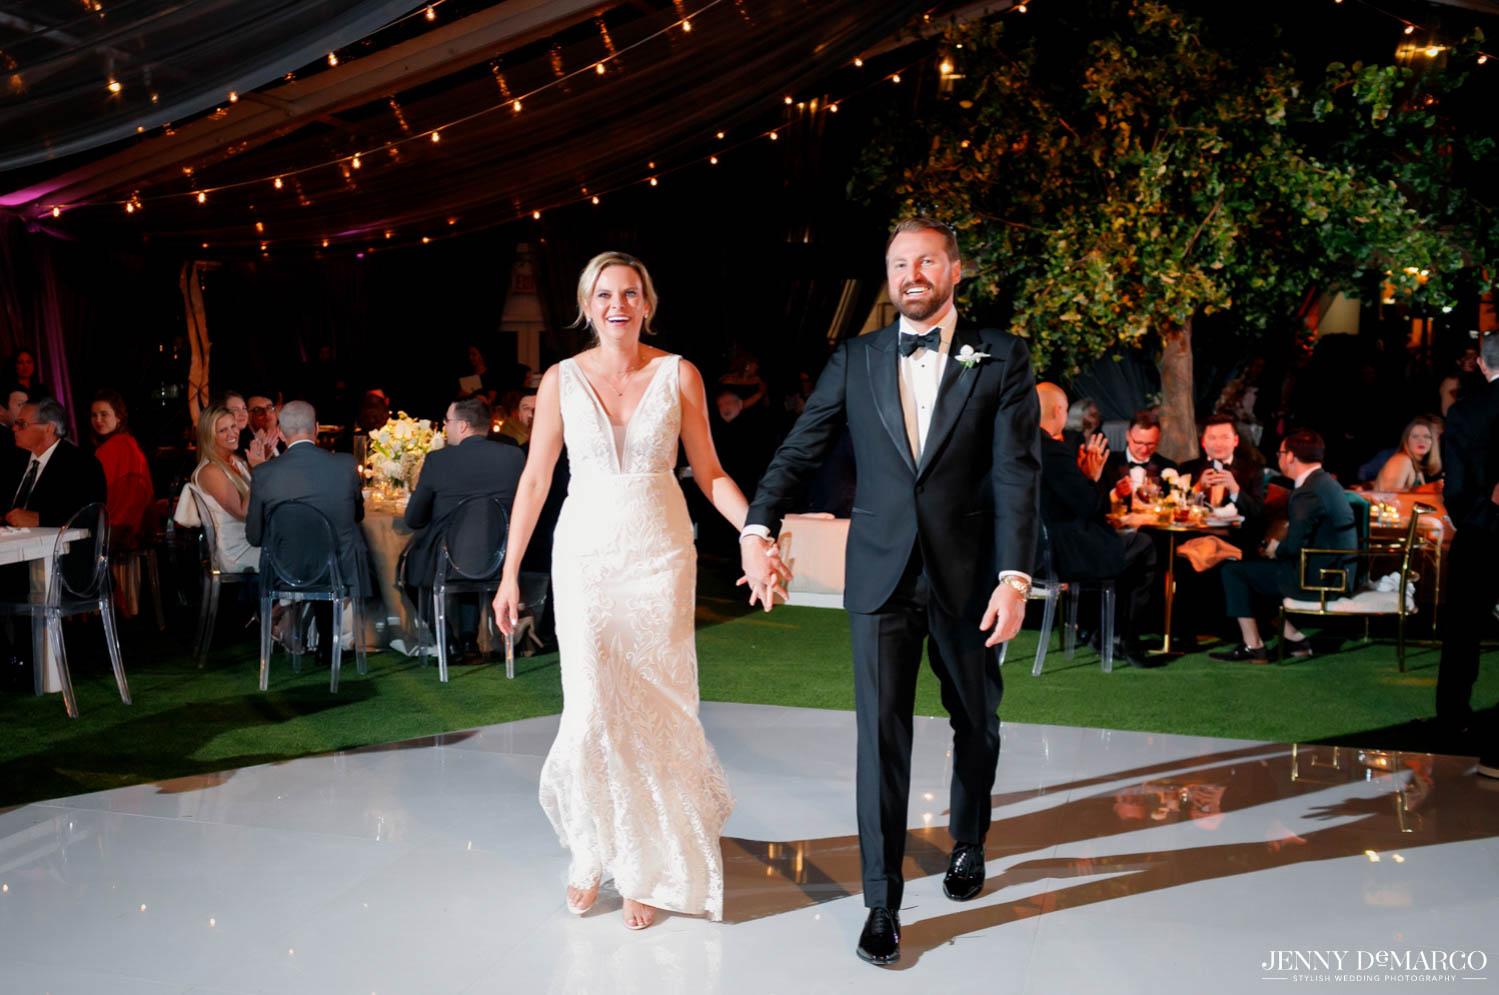 bride and groom entering into reception